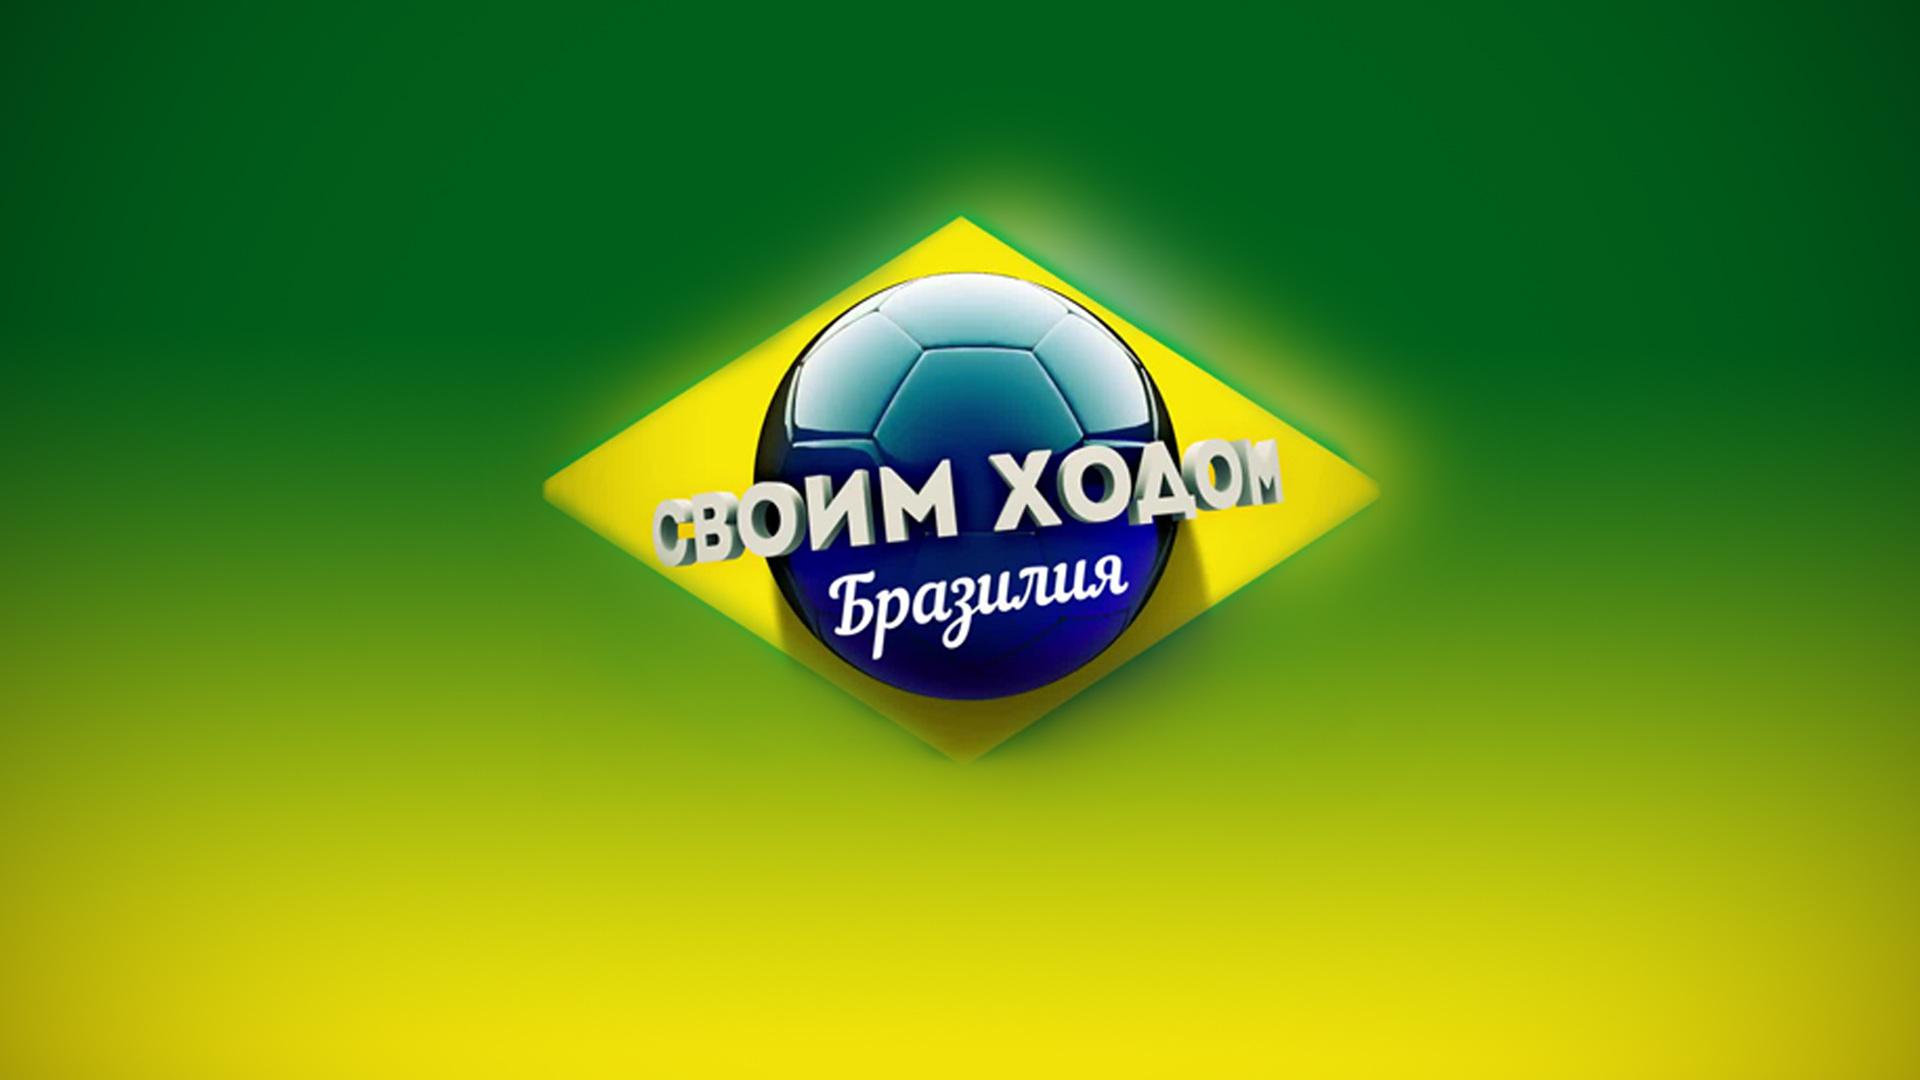 Своим ходом. Бразилия